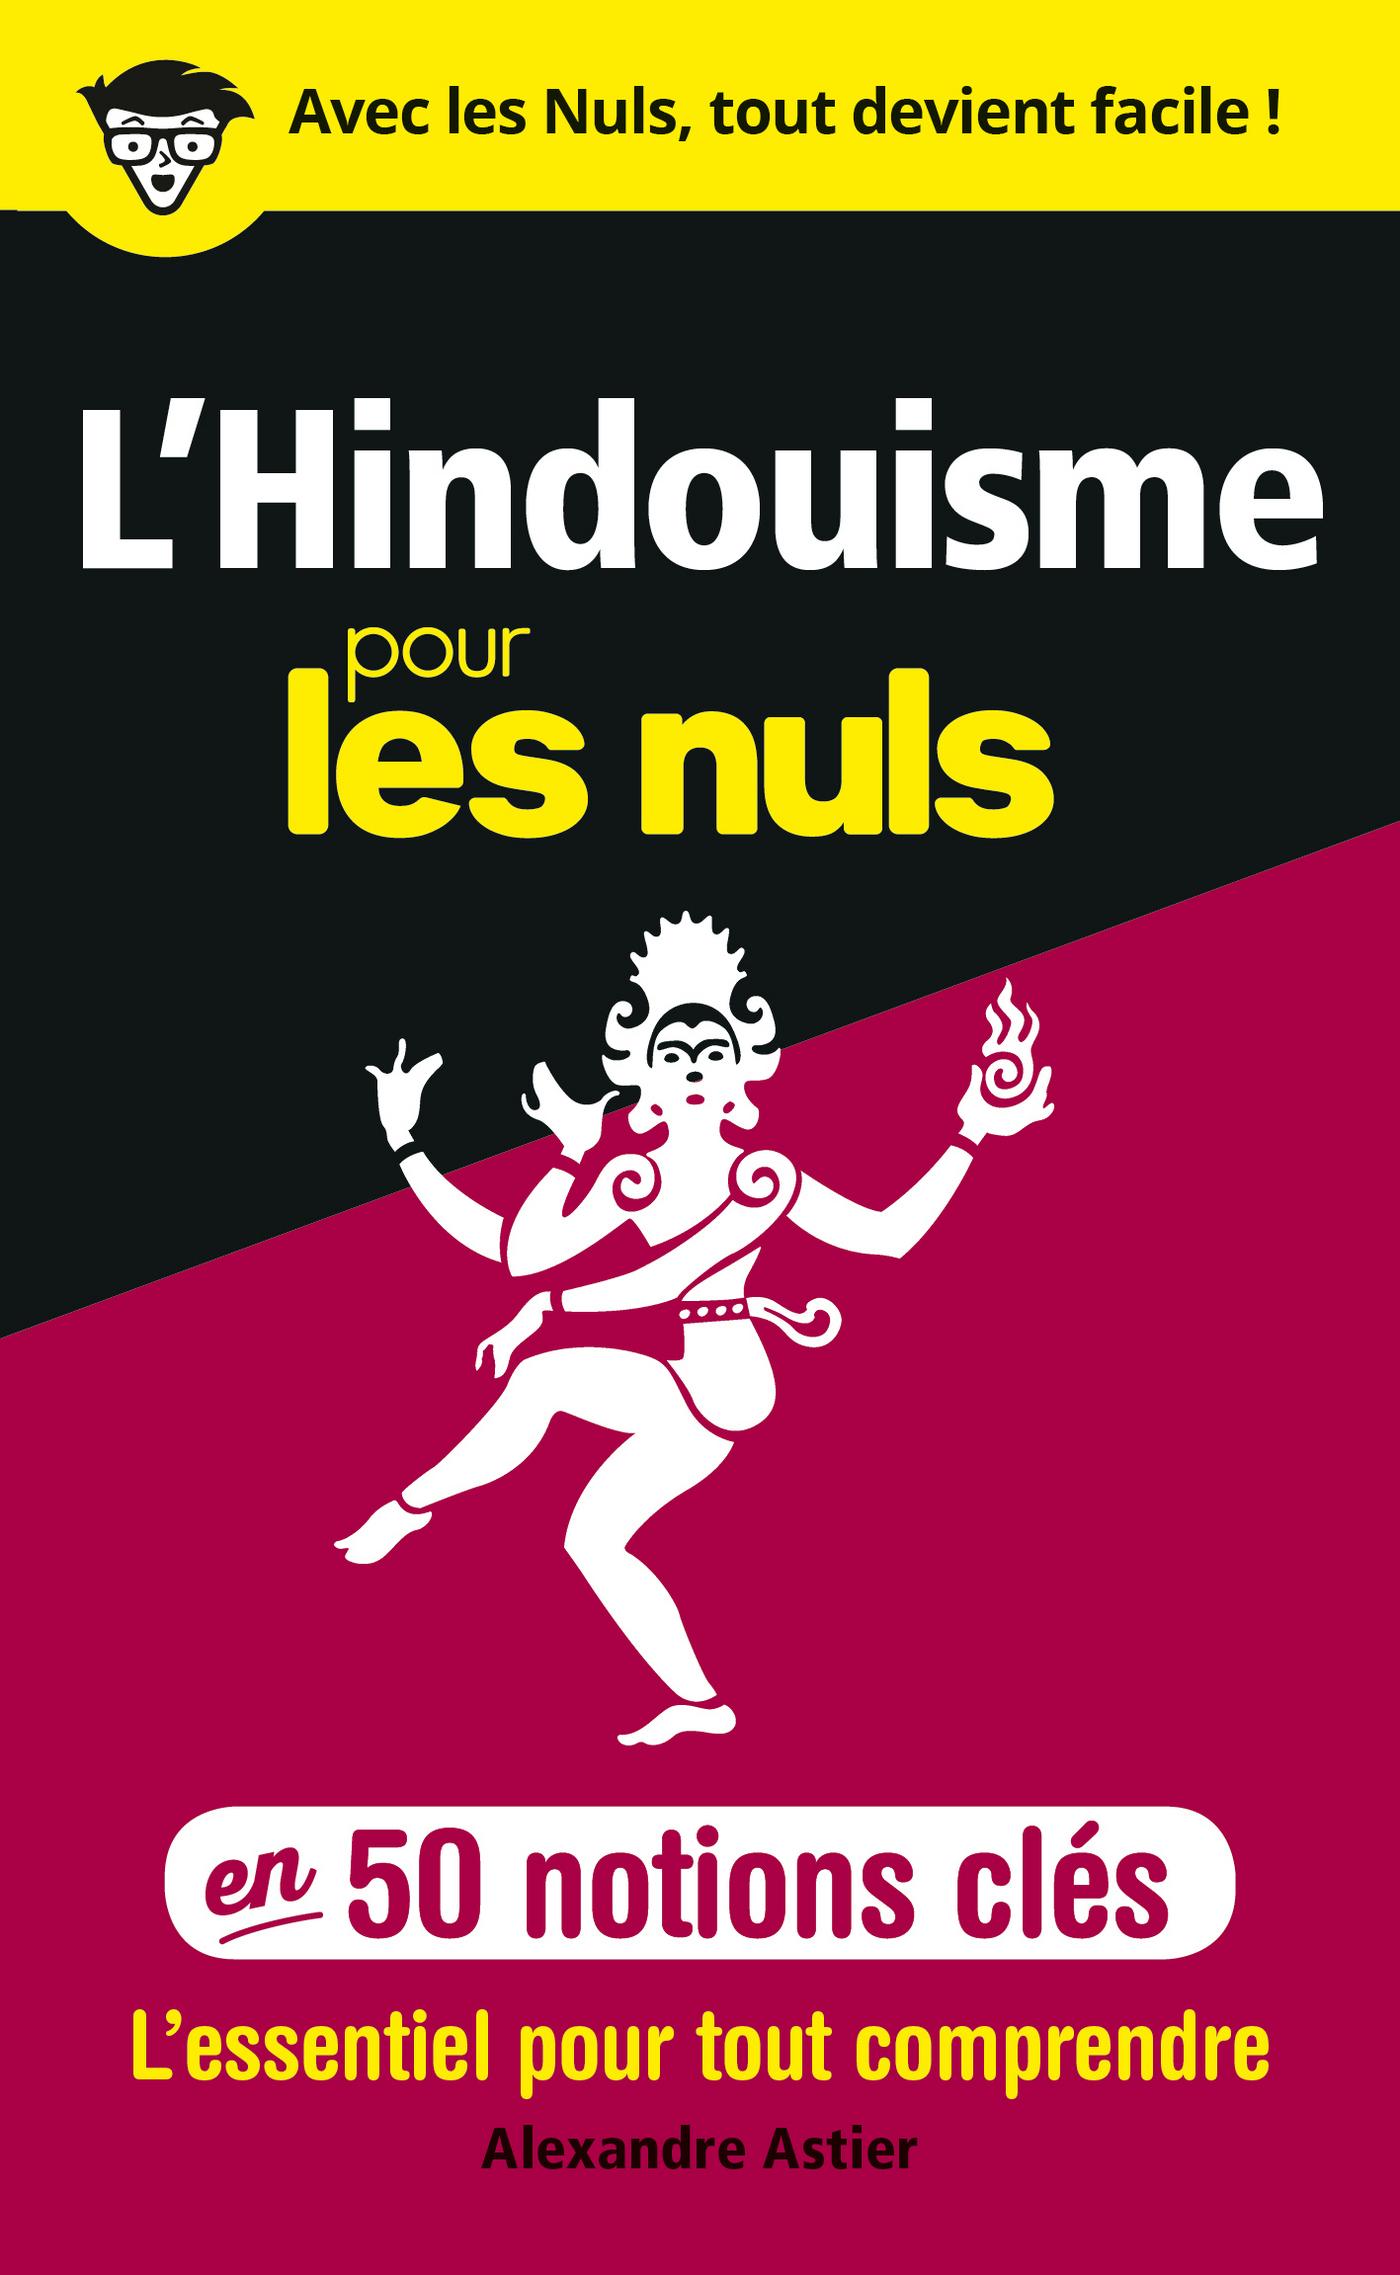 L Hindouisme Pour Les Nuls : hindouisme, L'hindouisme, Notions, Clés, Alexandre, Astier, Spiritualité/Religion, Religions, Leslibraires.ca